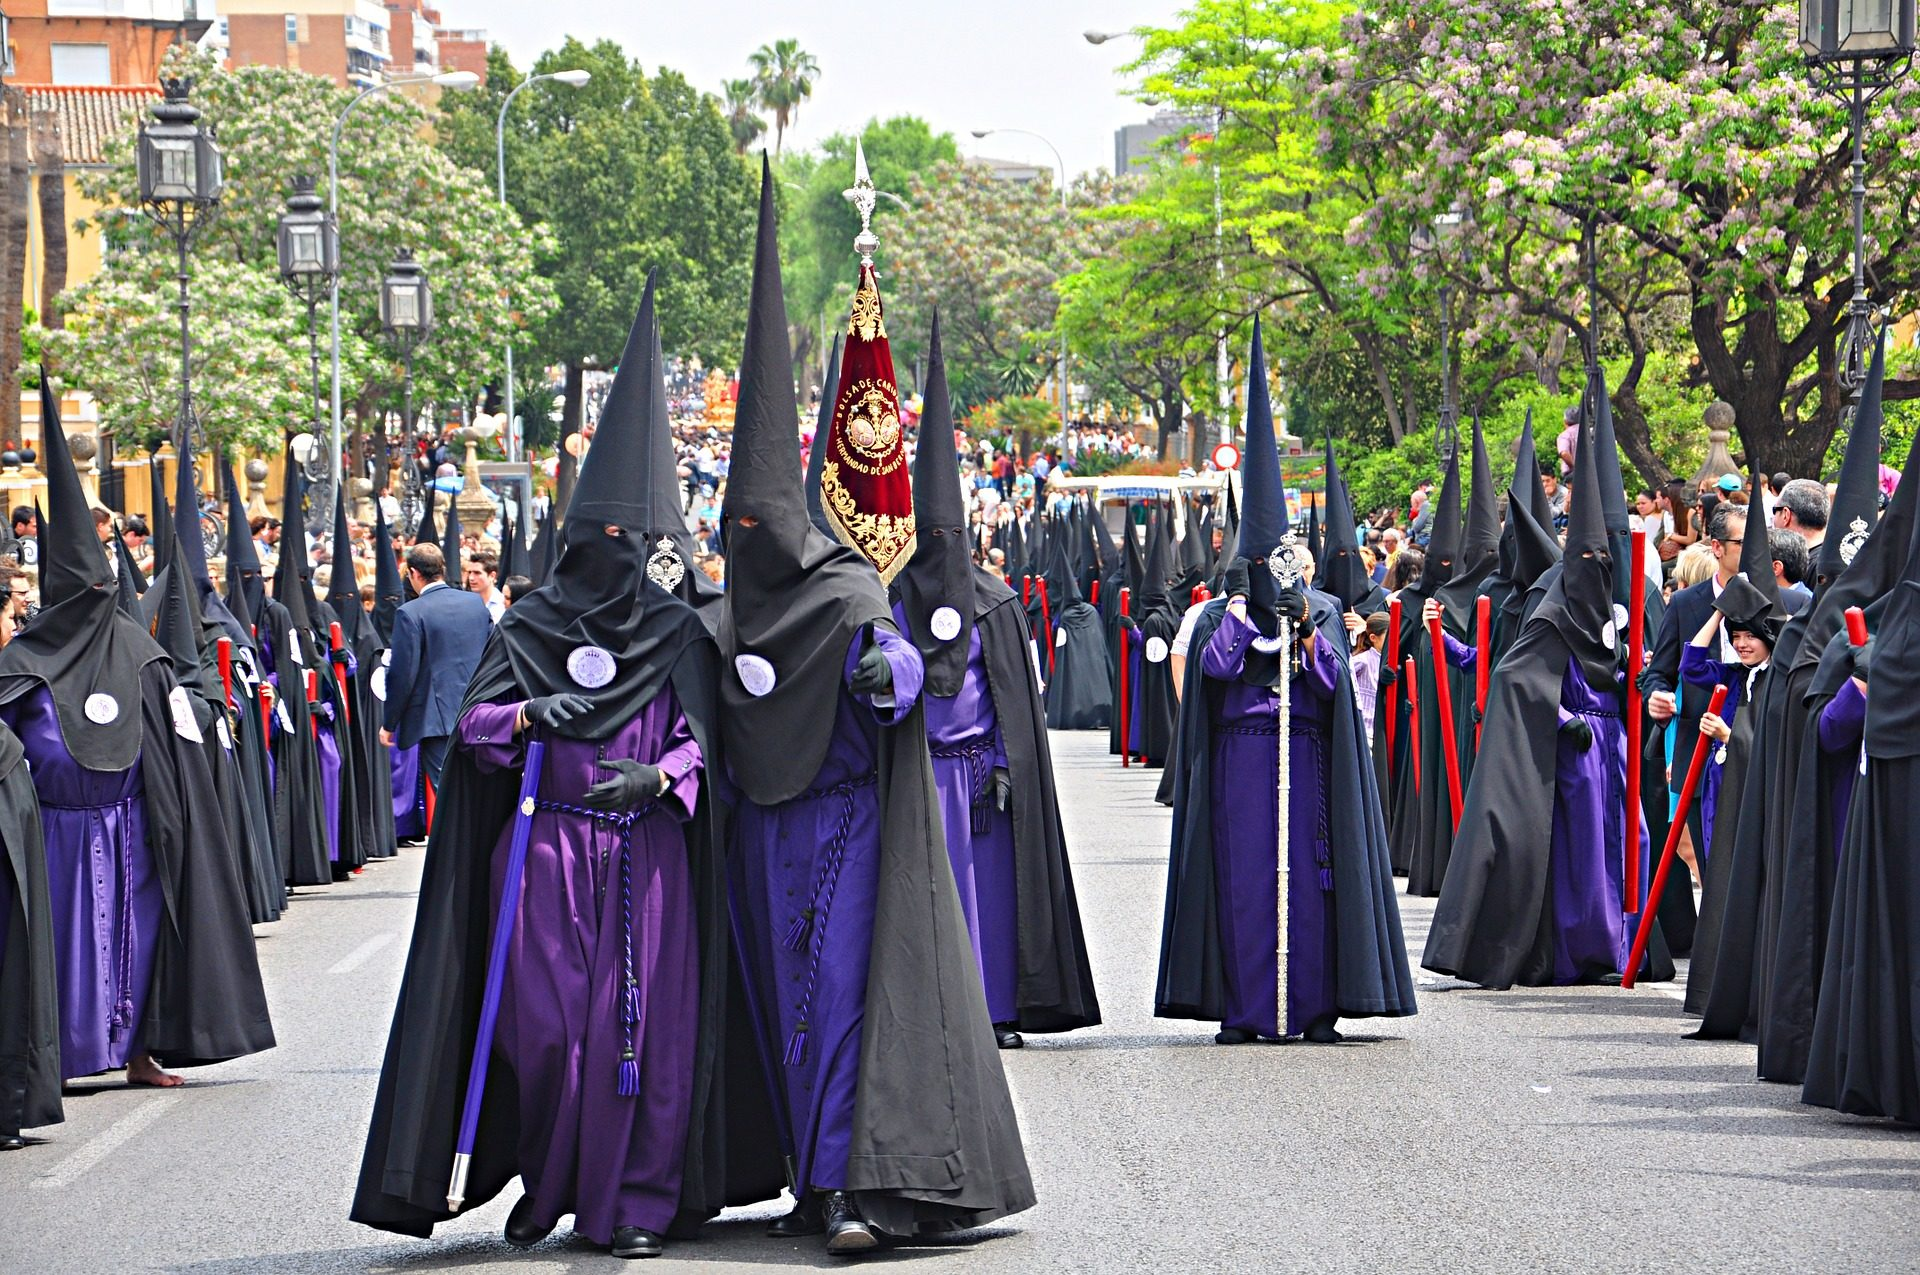 Pâques, procession, Fraternité, Nazaréens, Christianisme, Séville, Espagne - Fonds d'écran HD - Professor-falken.com